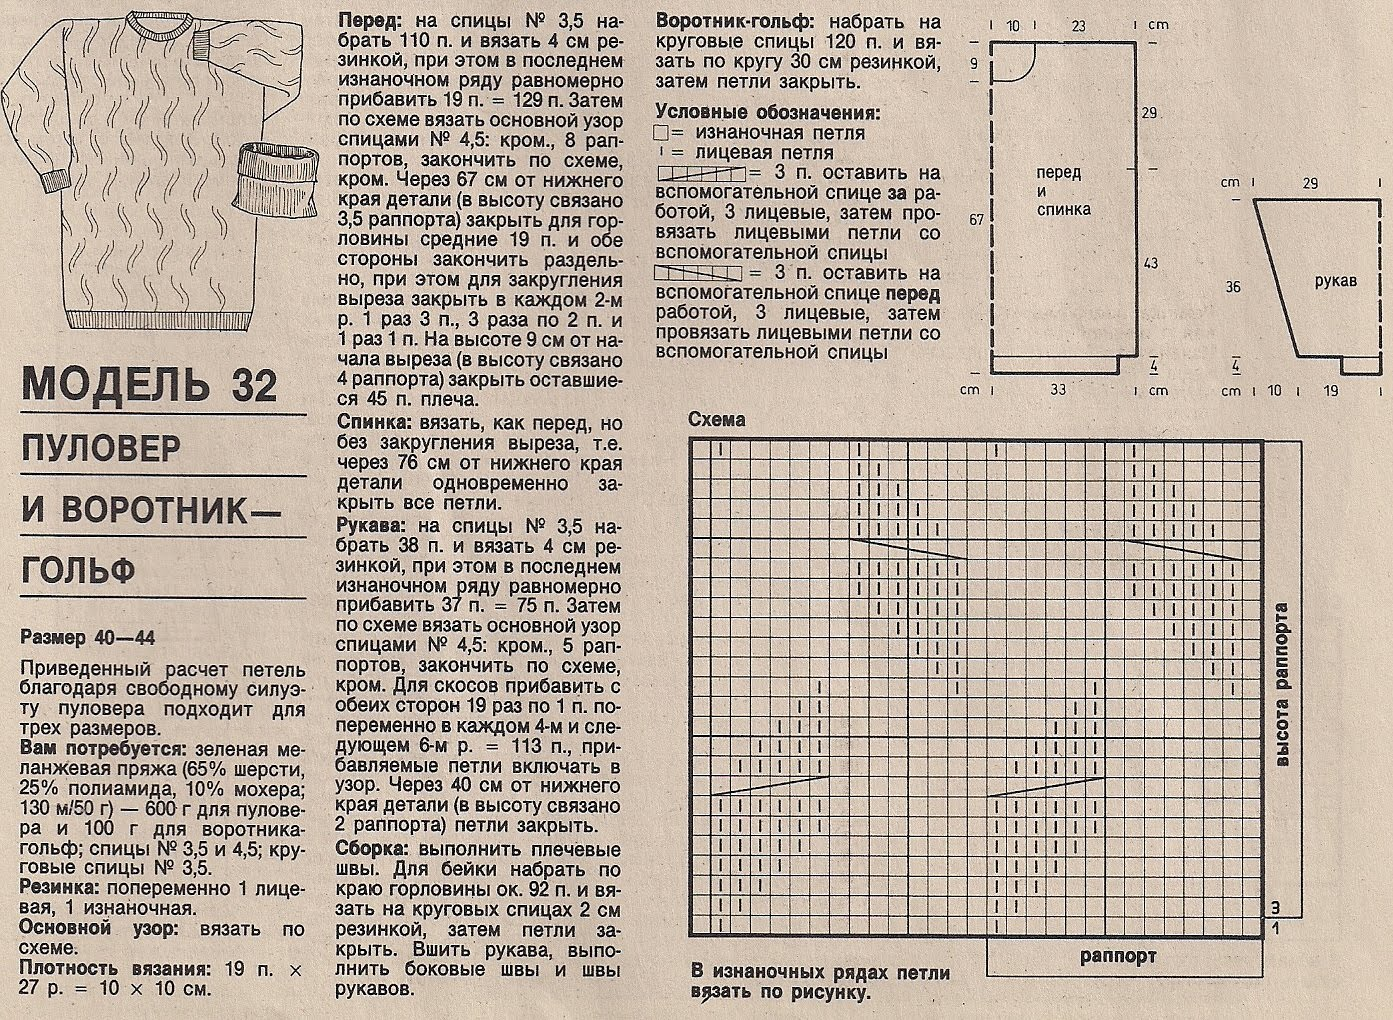 Калькулятор расчета петель для вязания спицами 82